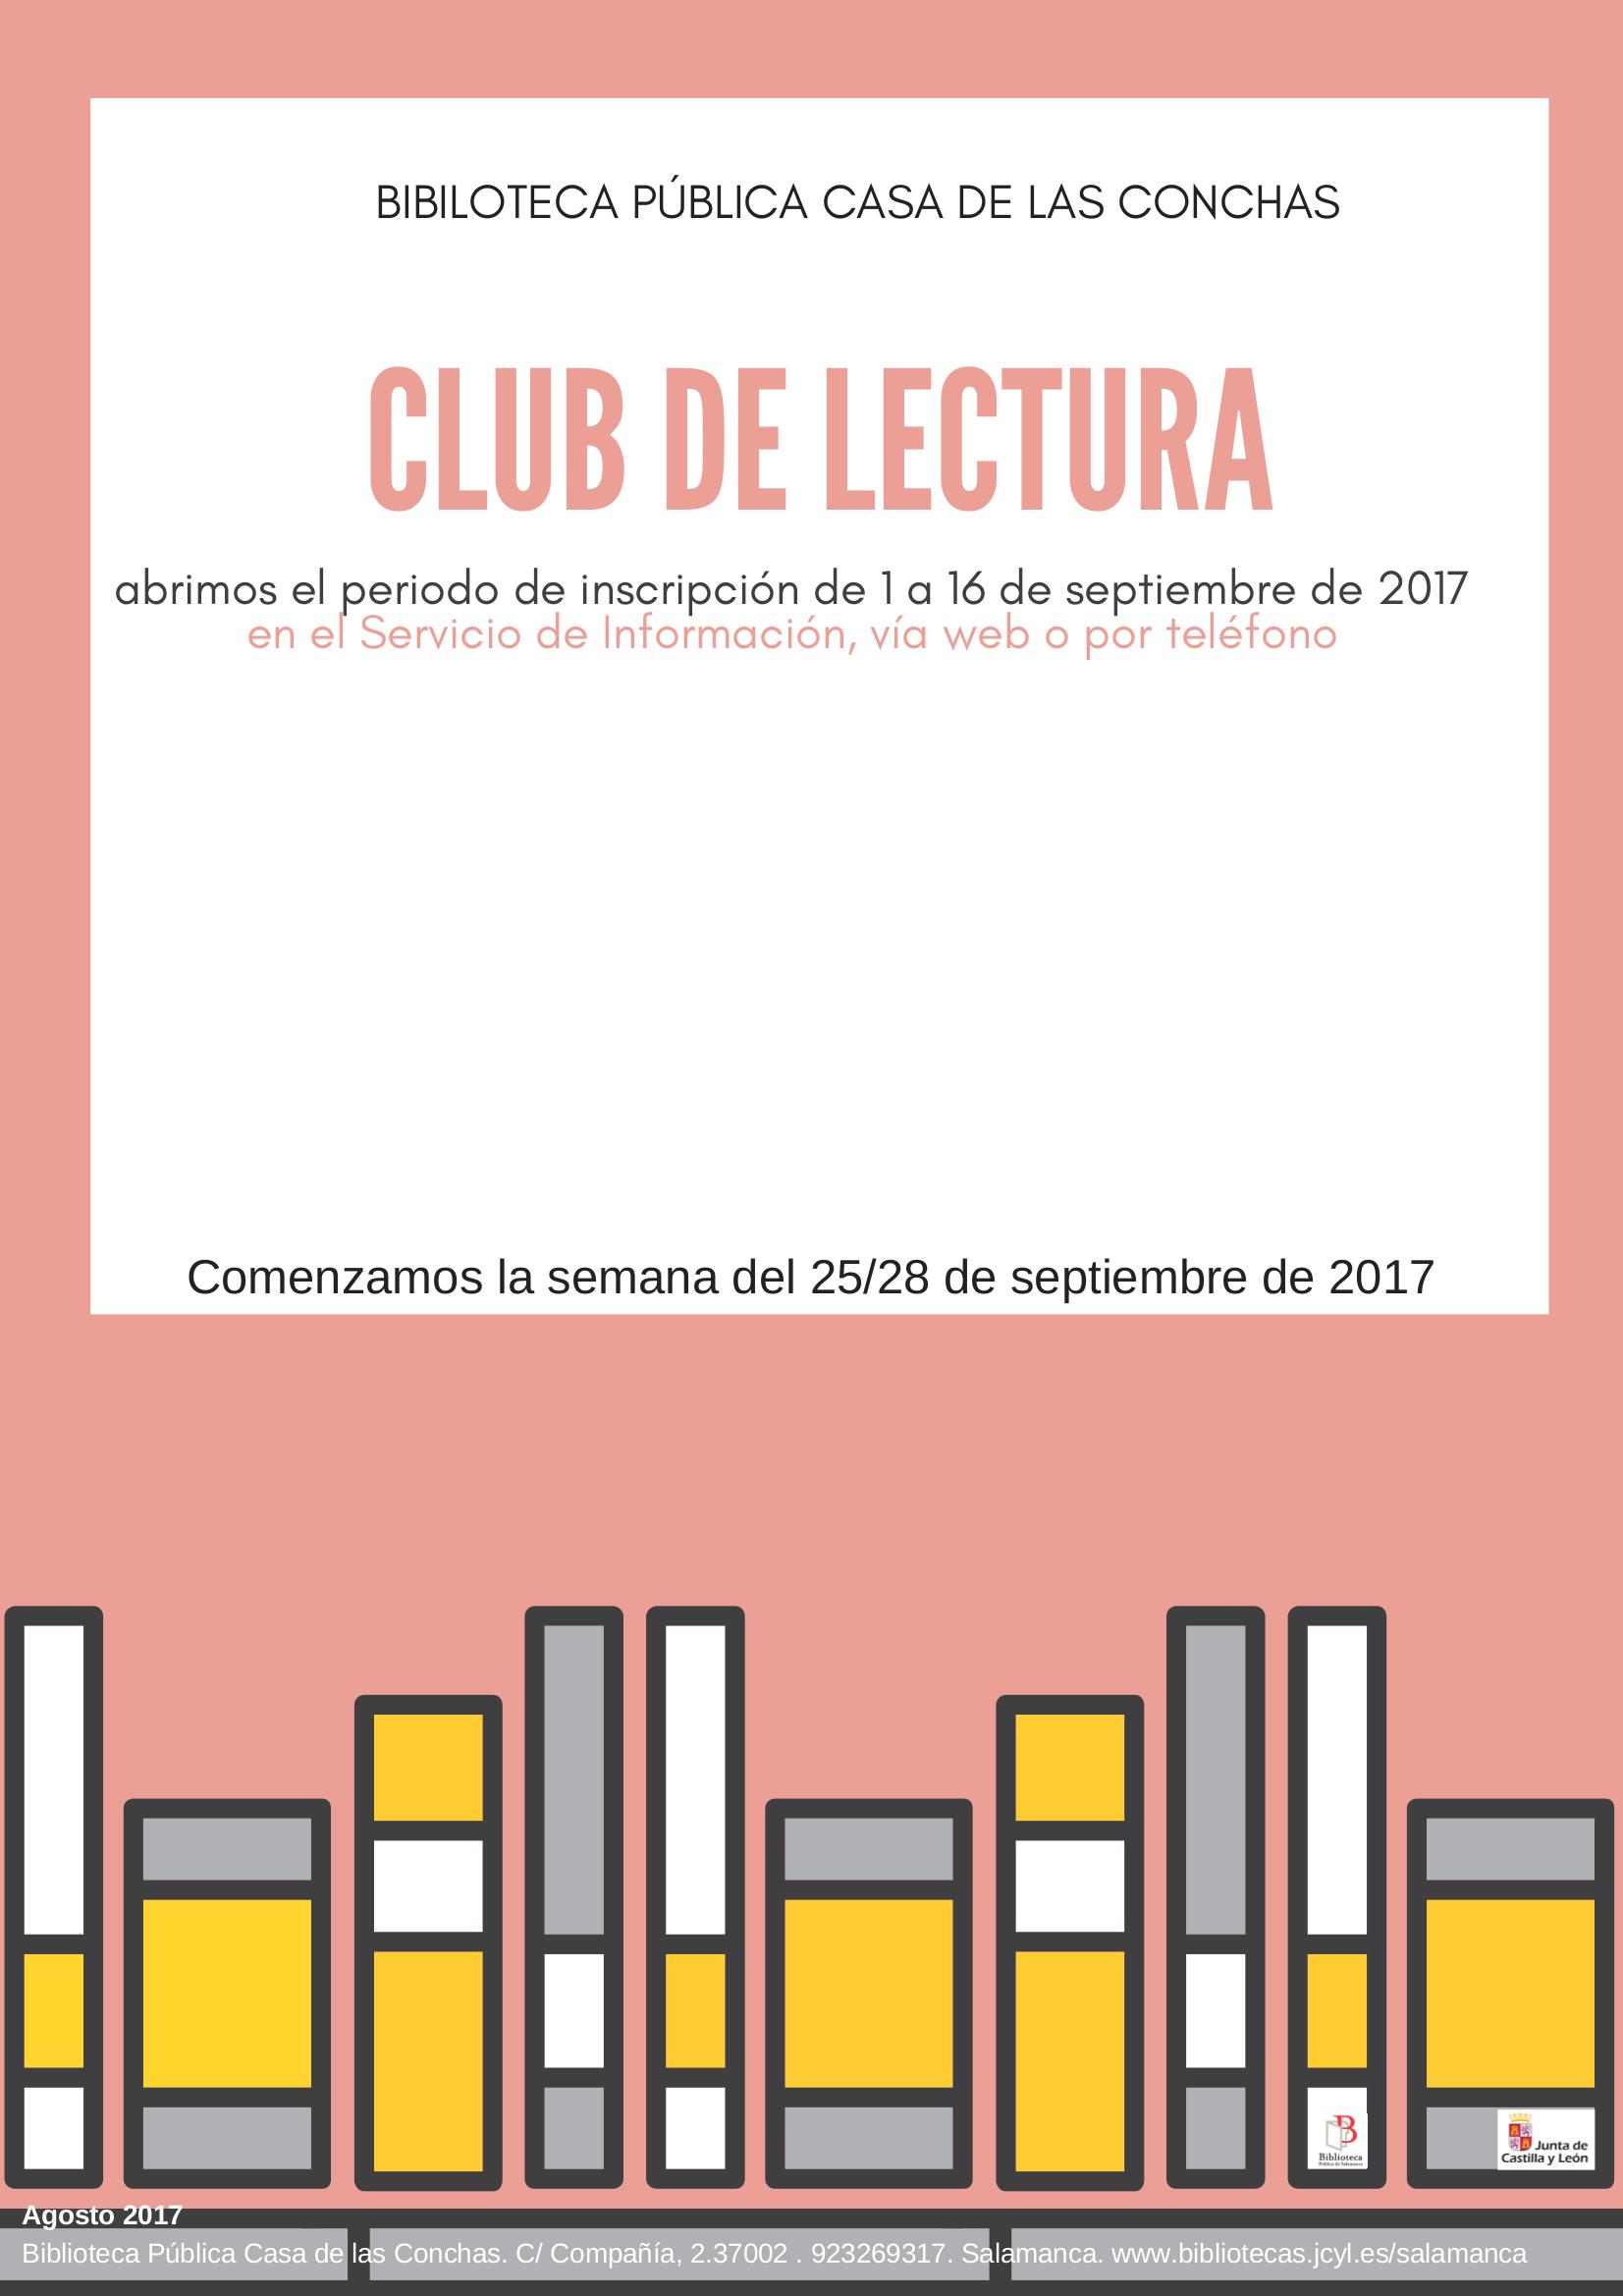 Club de Lectura 2017-2018, Casa de las Conchas, Salamanca